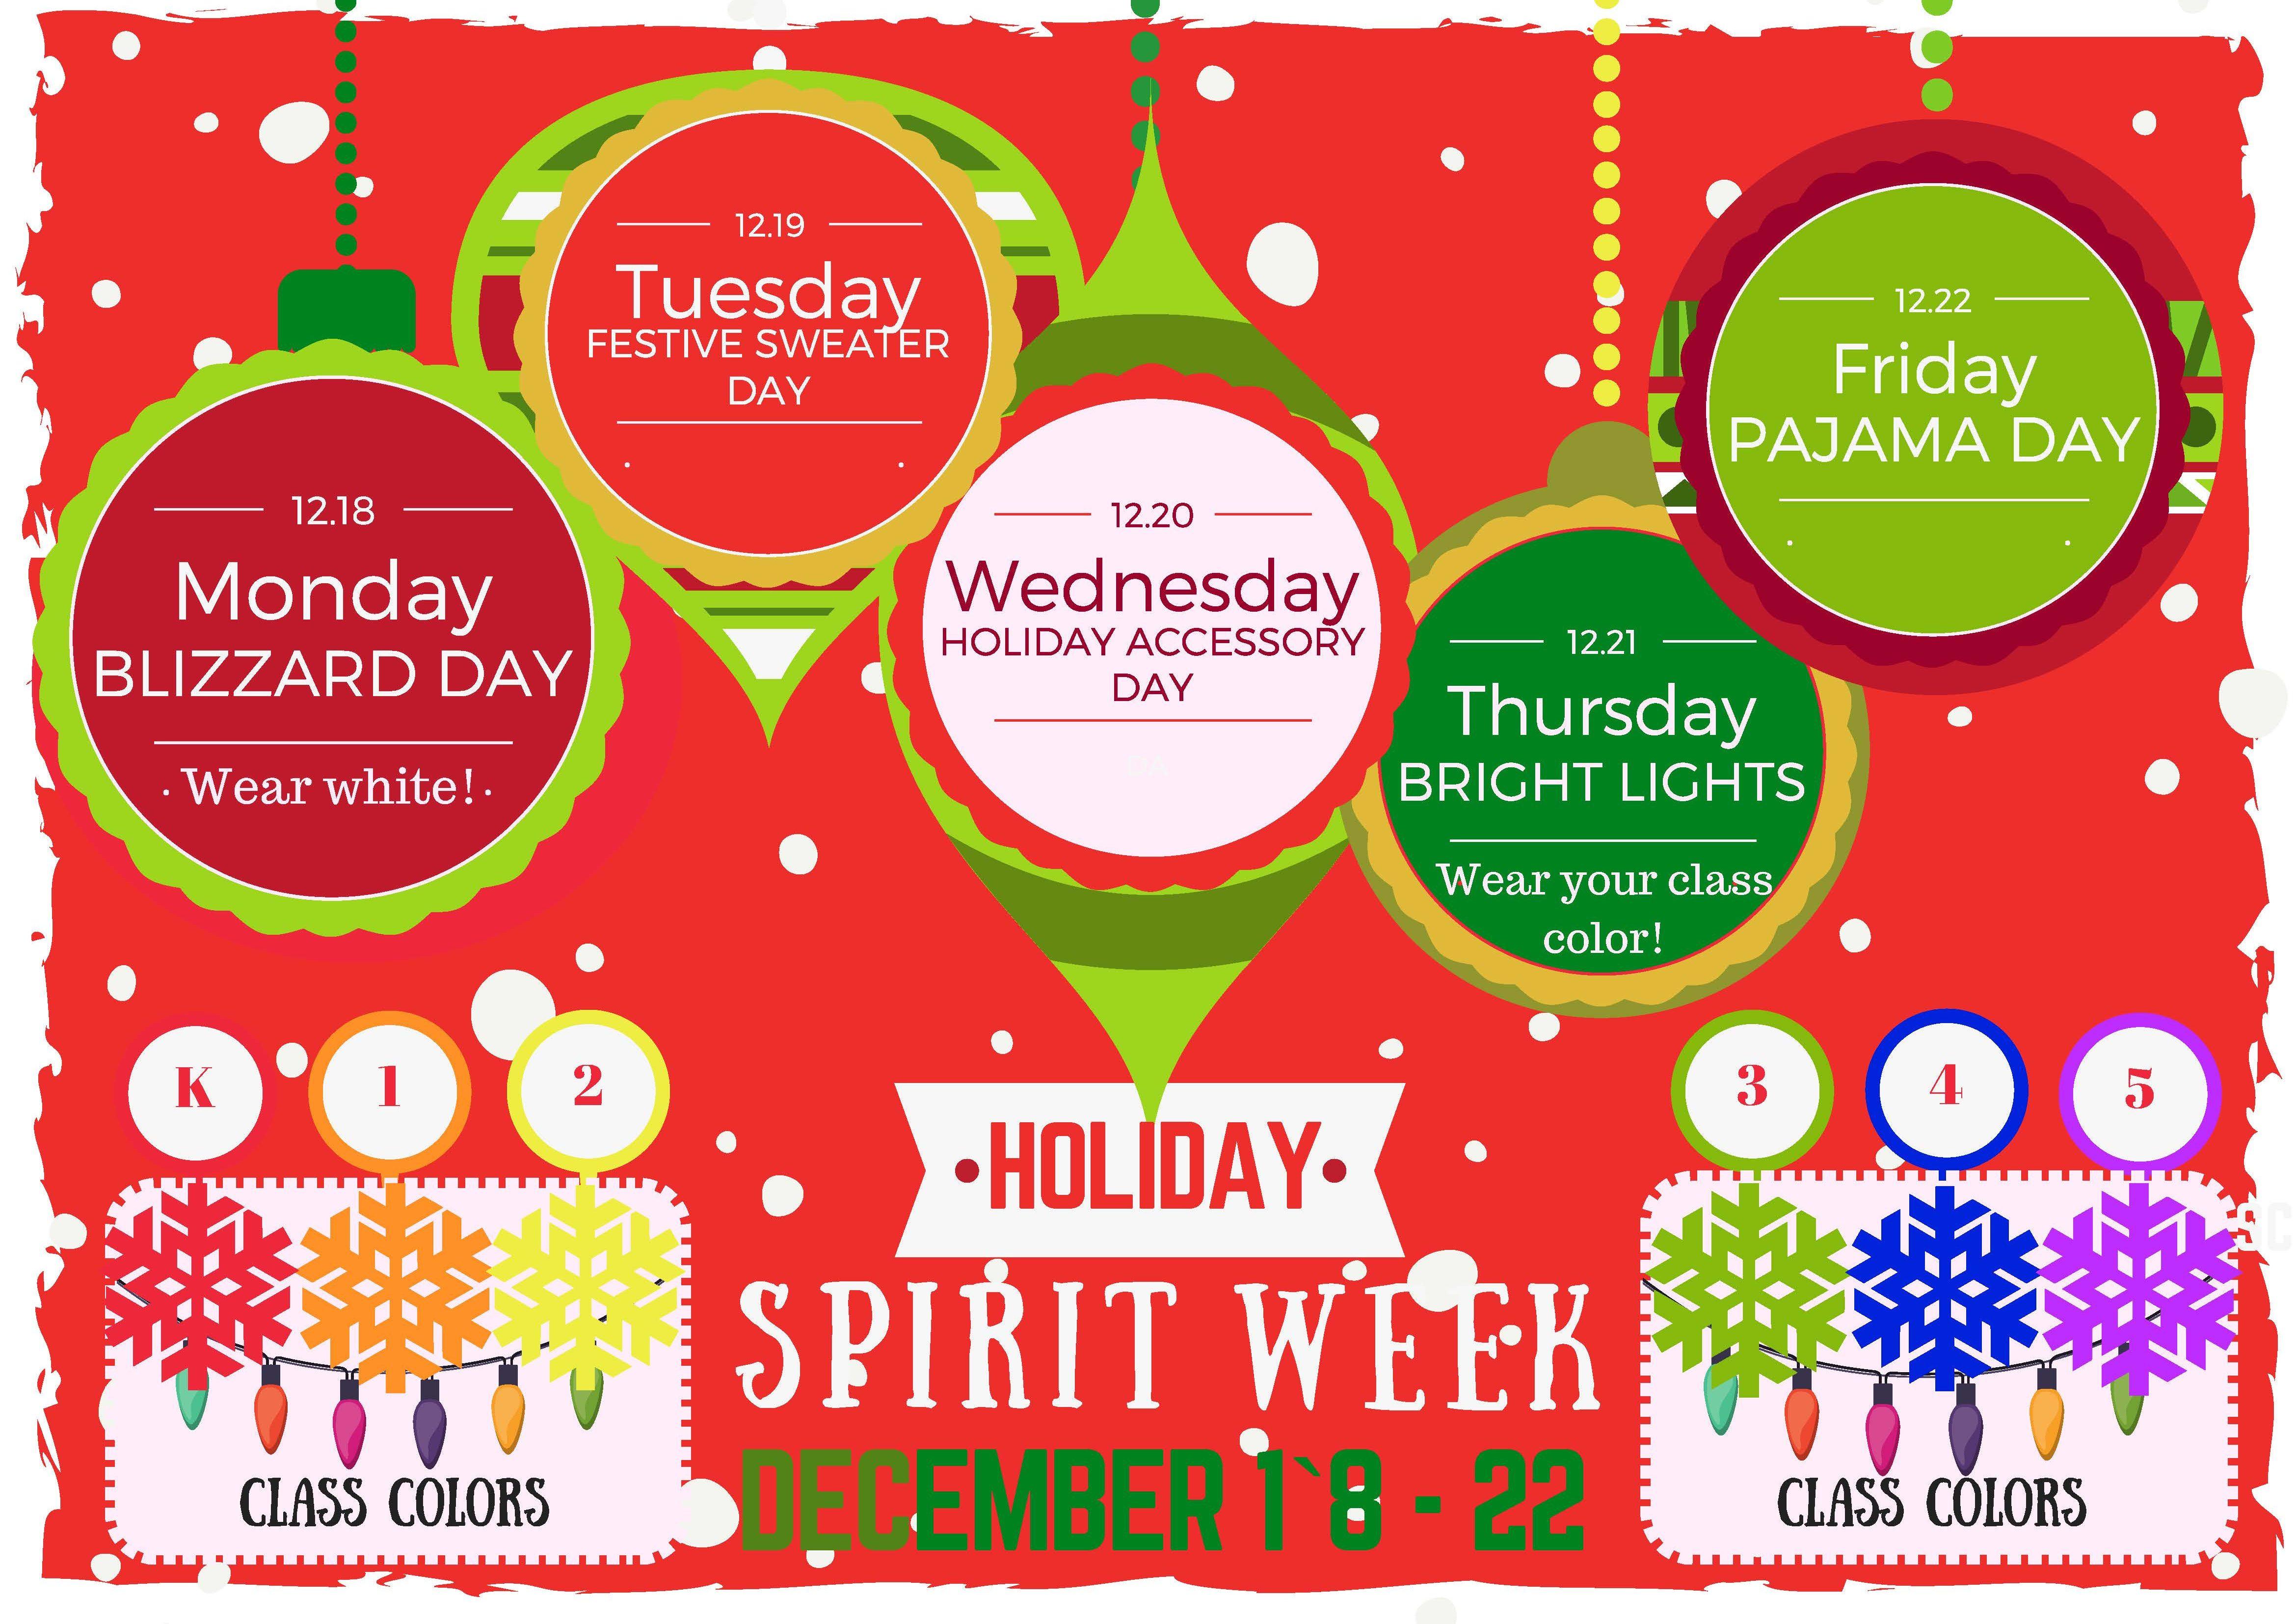 Calendar Dress Up Ideas : Holiday spirit week december allenwood elementary